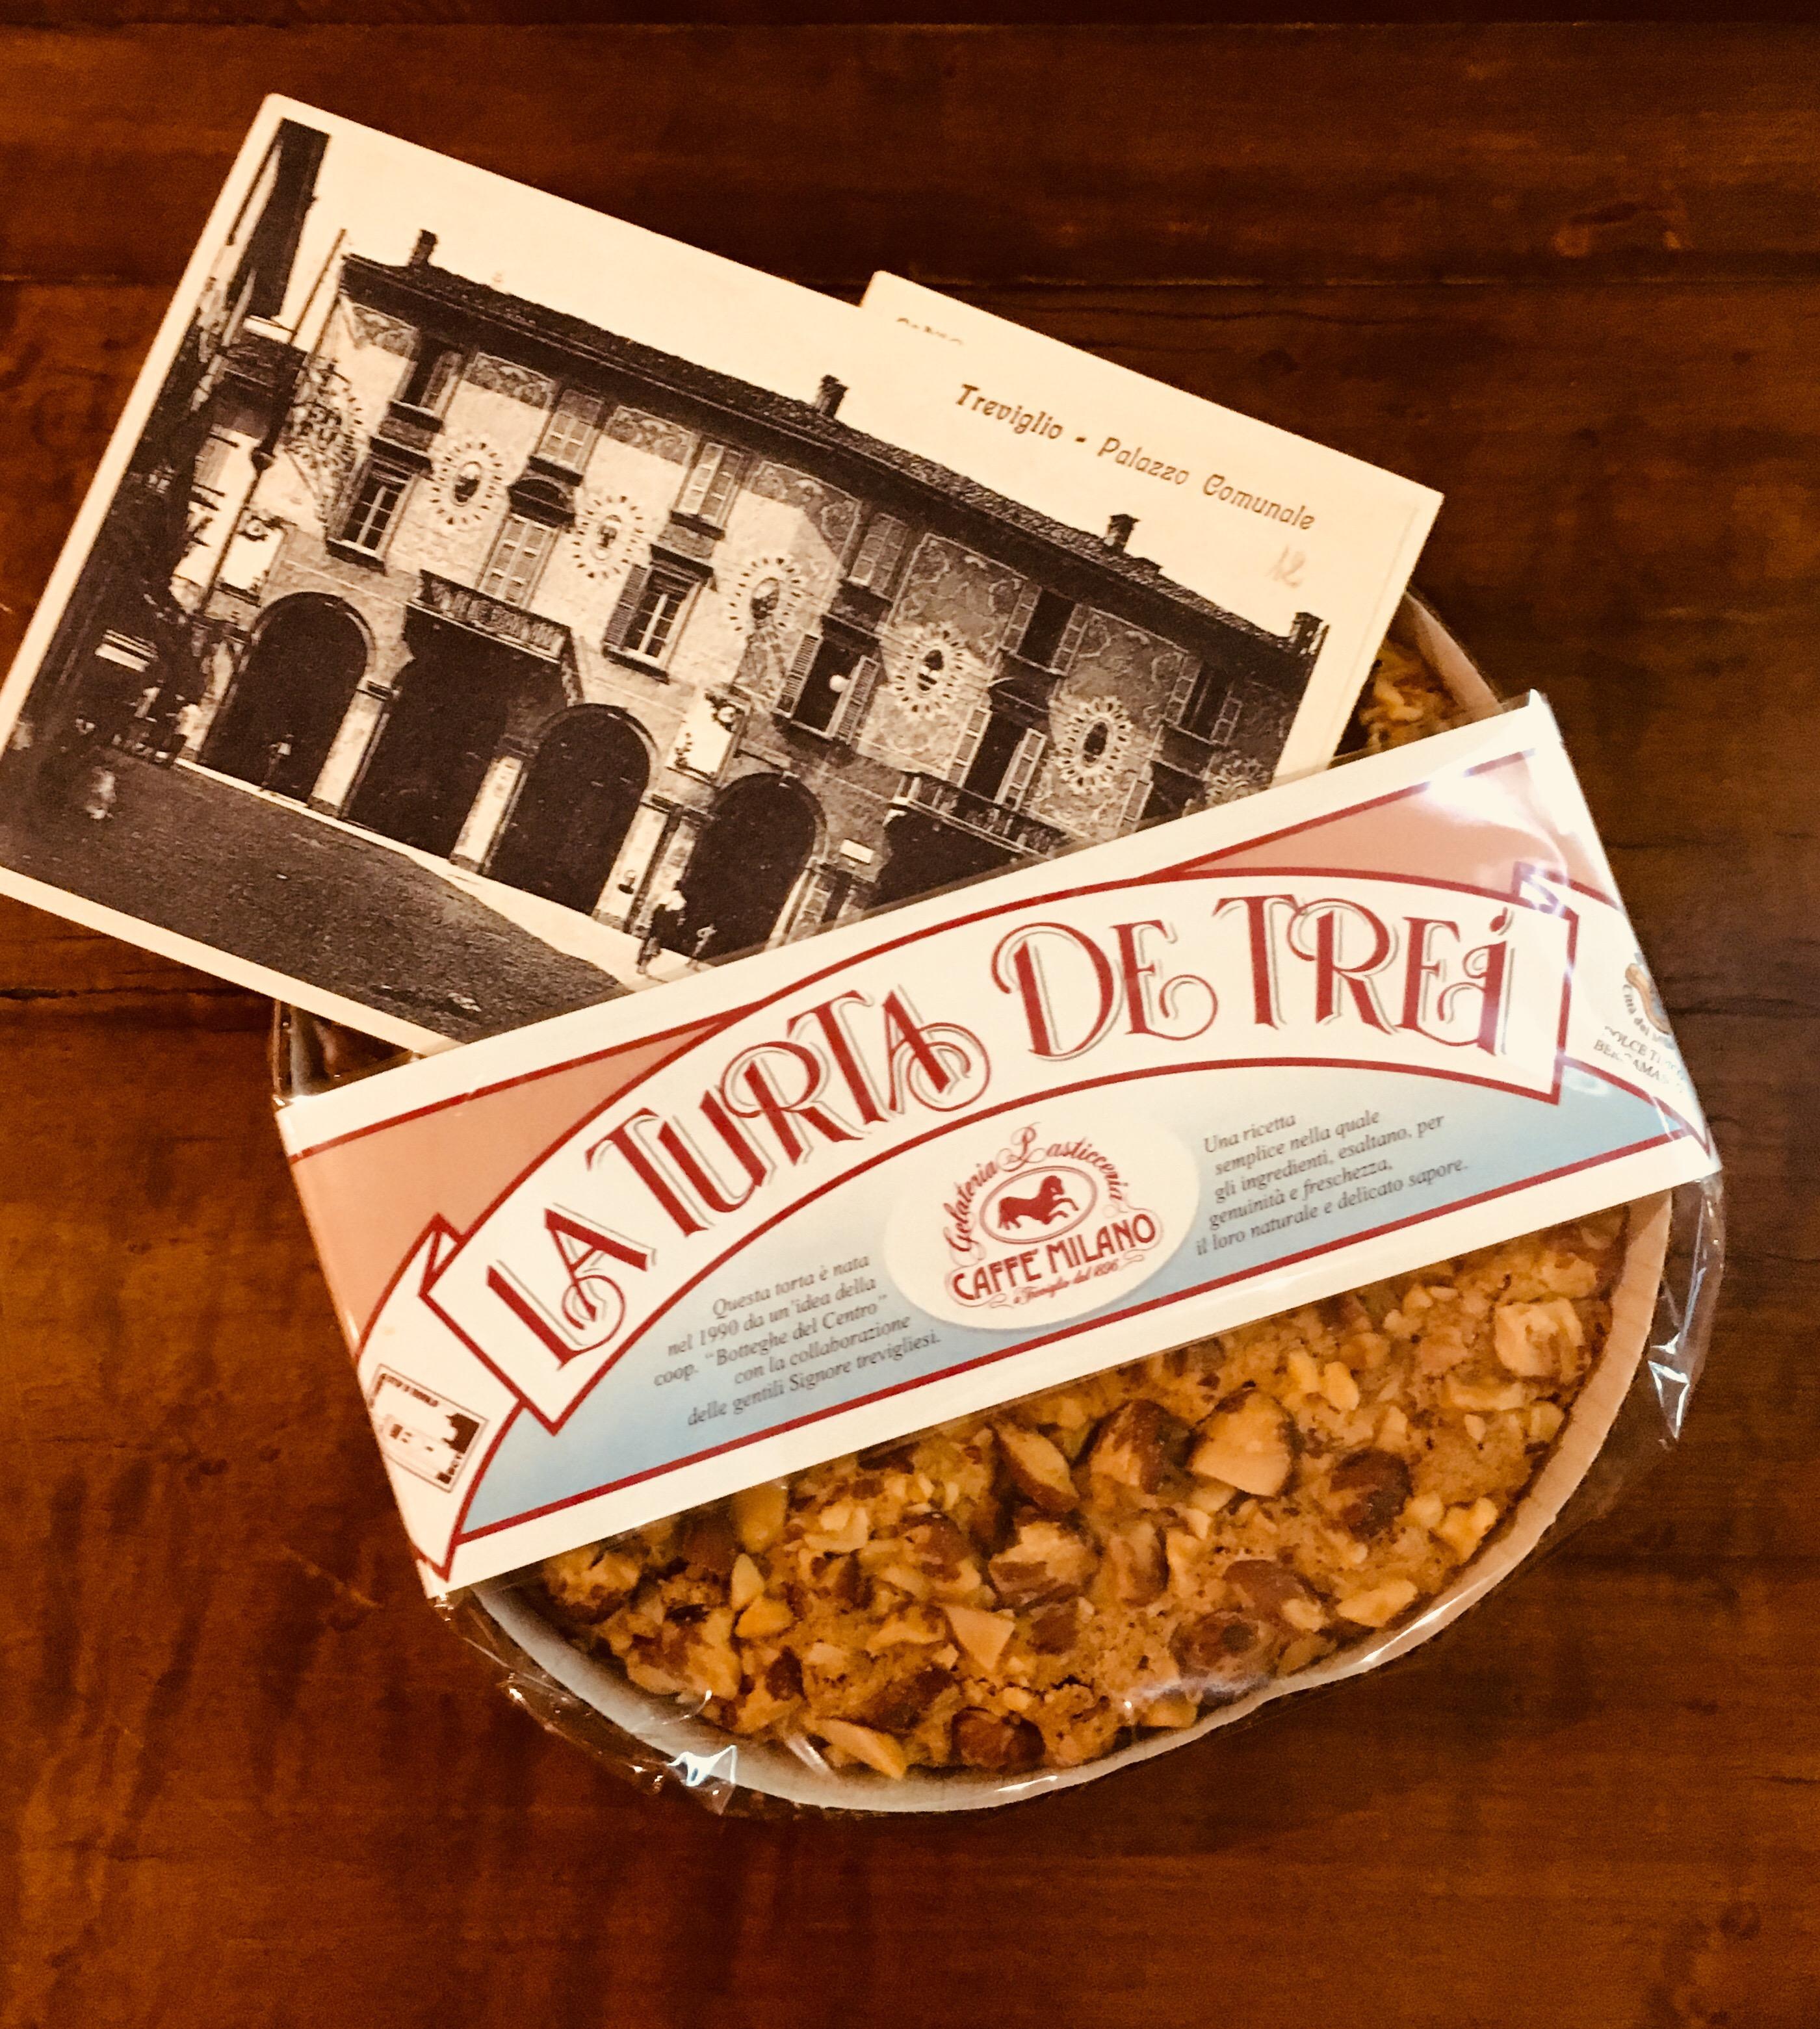 Forma E Colori Treviglio locali storici d'italia | treviglio: caffè milano e la turta